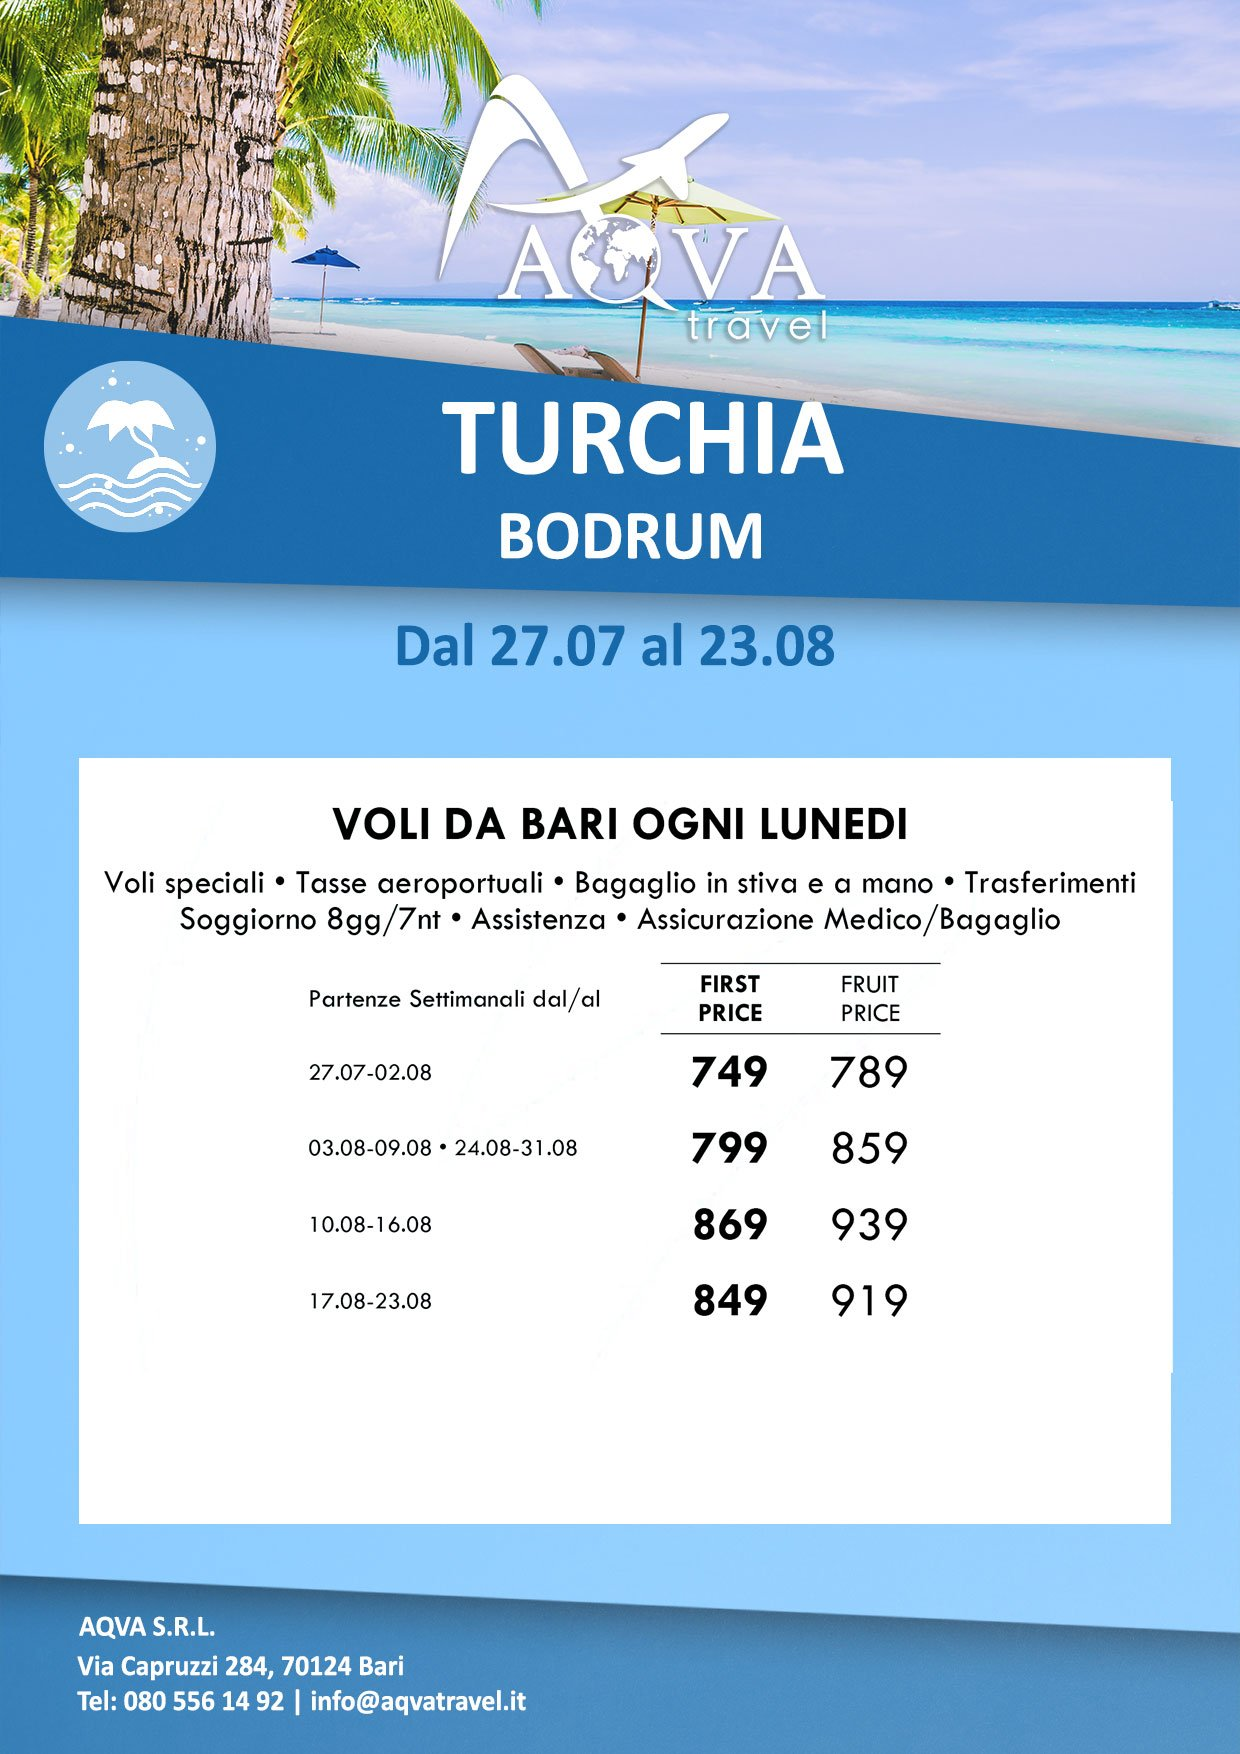 TURCHIA-BODRUM-offerte-agenzia-di-viaggi-Bari-AQVATRAVEL-it